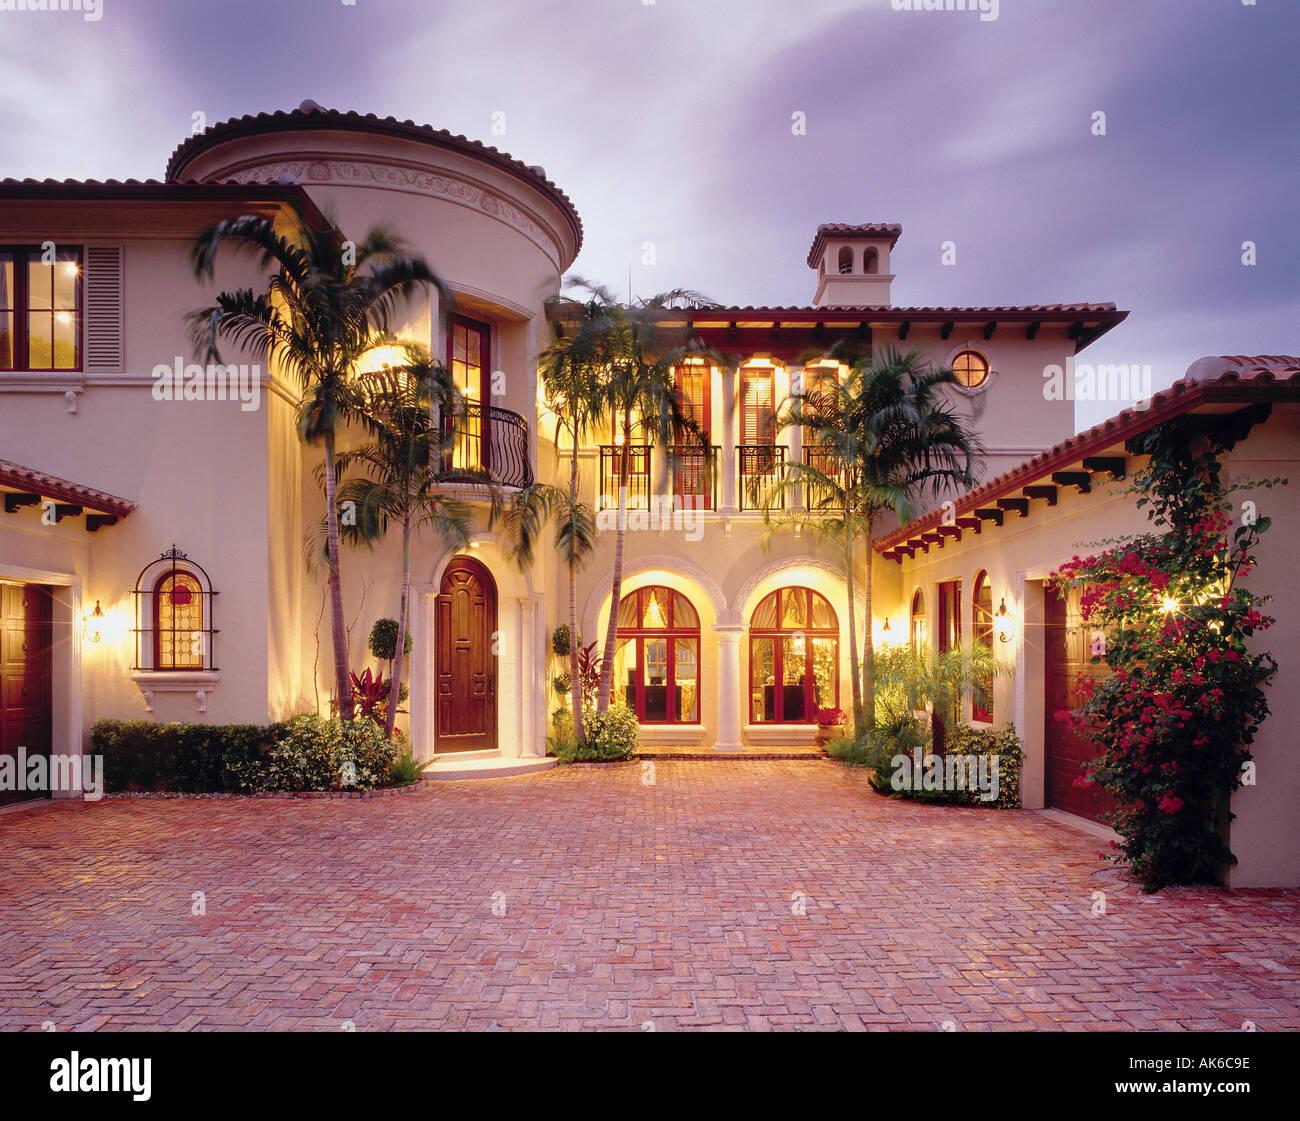 Seule la Méditerranée maison familiale avec cour intérieure en brique à Boca Raton, en Floride. Caractéristiques des bougainvilliers et des palmiers. Banque D'Images